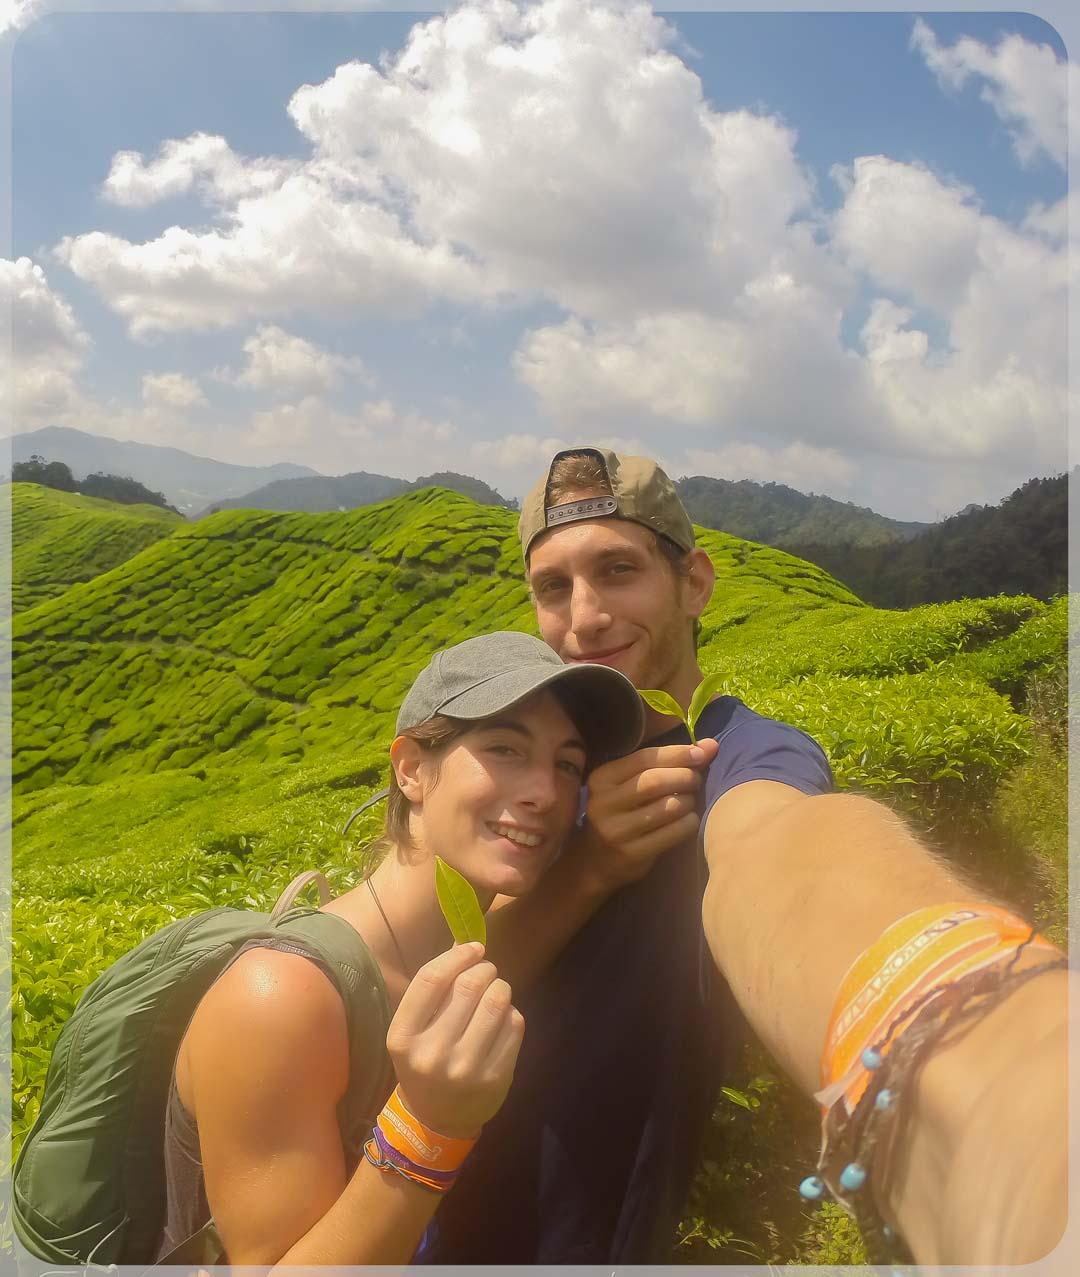 Paseando por los campos de te de Cameron Highlands en Malasia